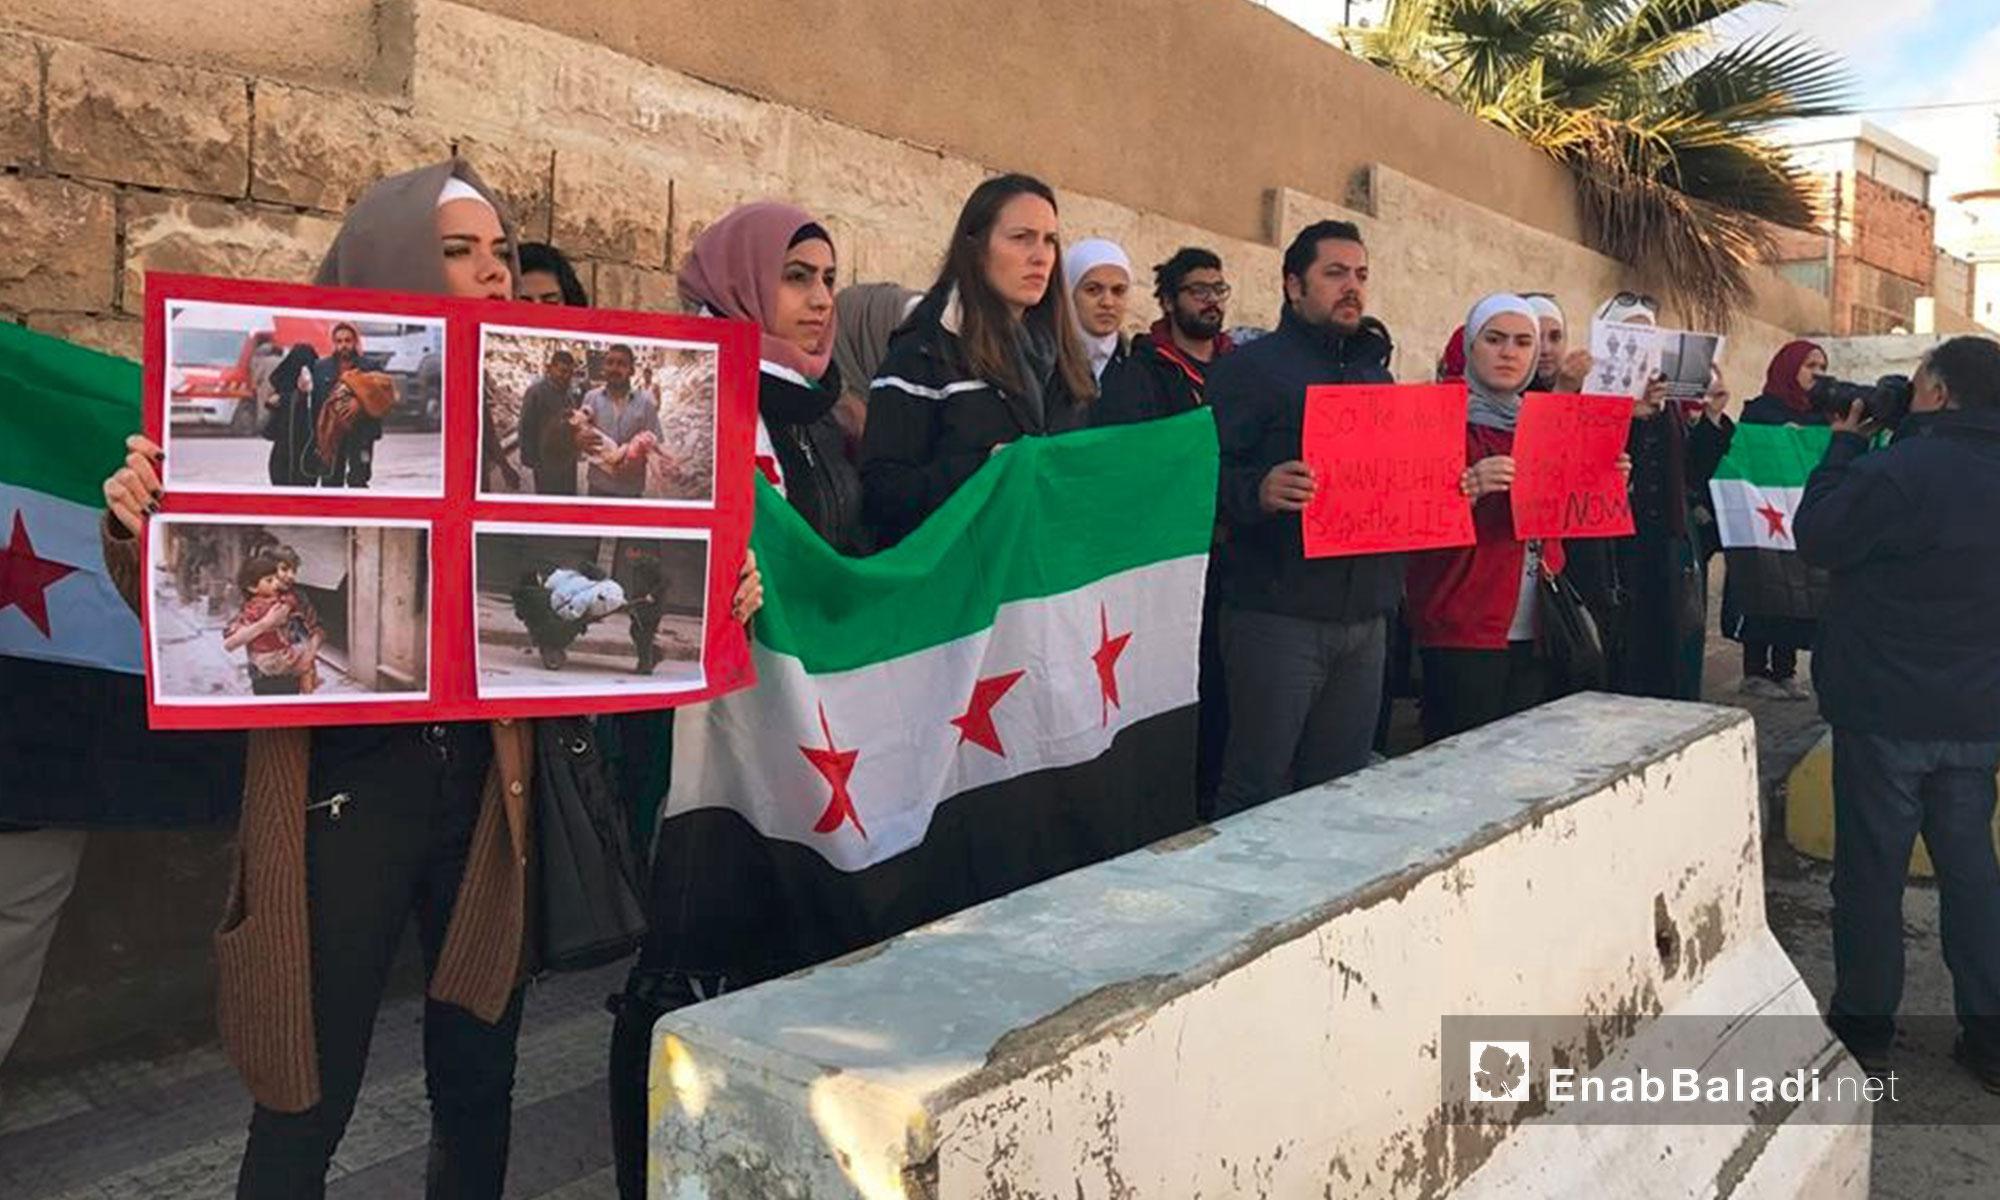 وقفة تضامنية مع مدينة حلب في العاصمة الأردنية عمان- السبت 17 كانون الأول (عنب بلدي)